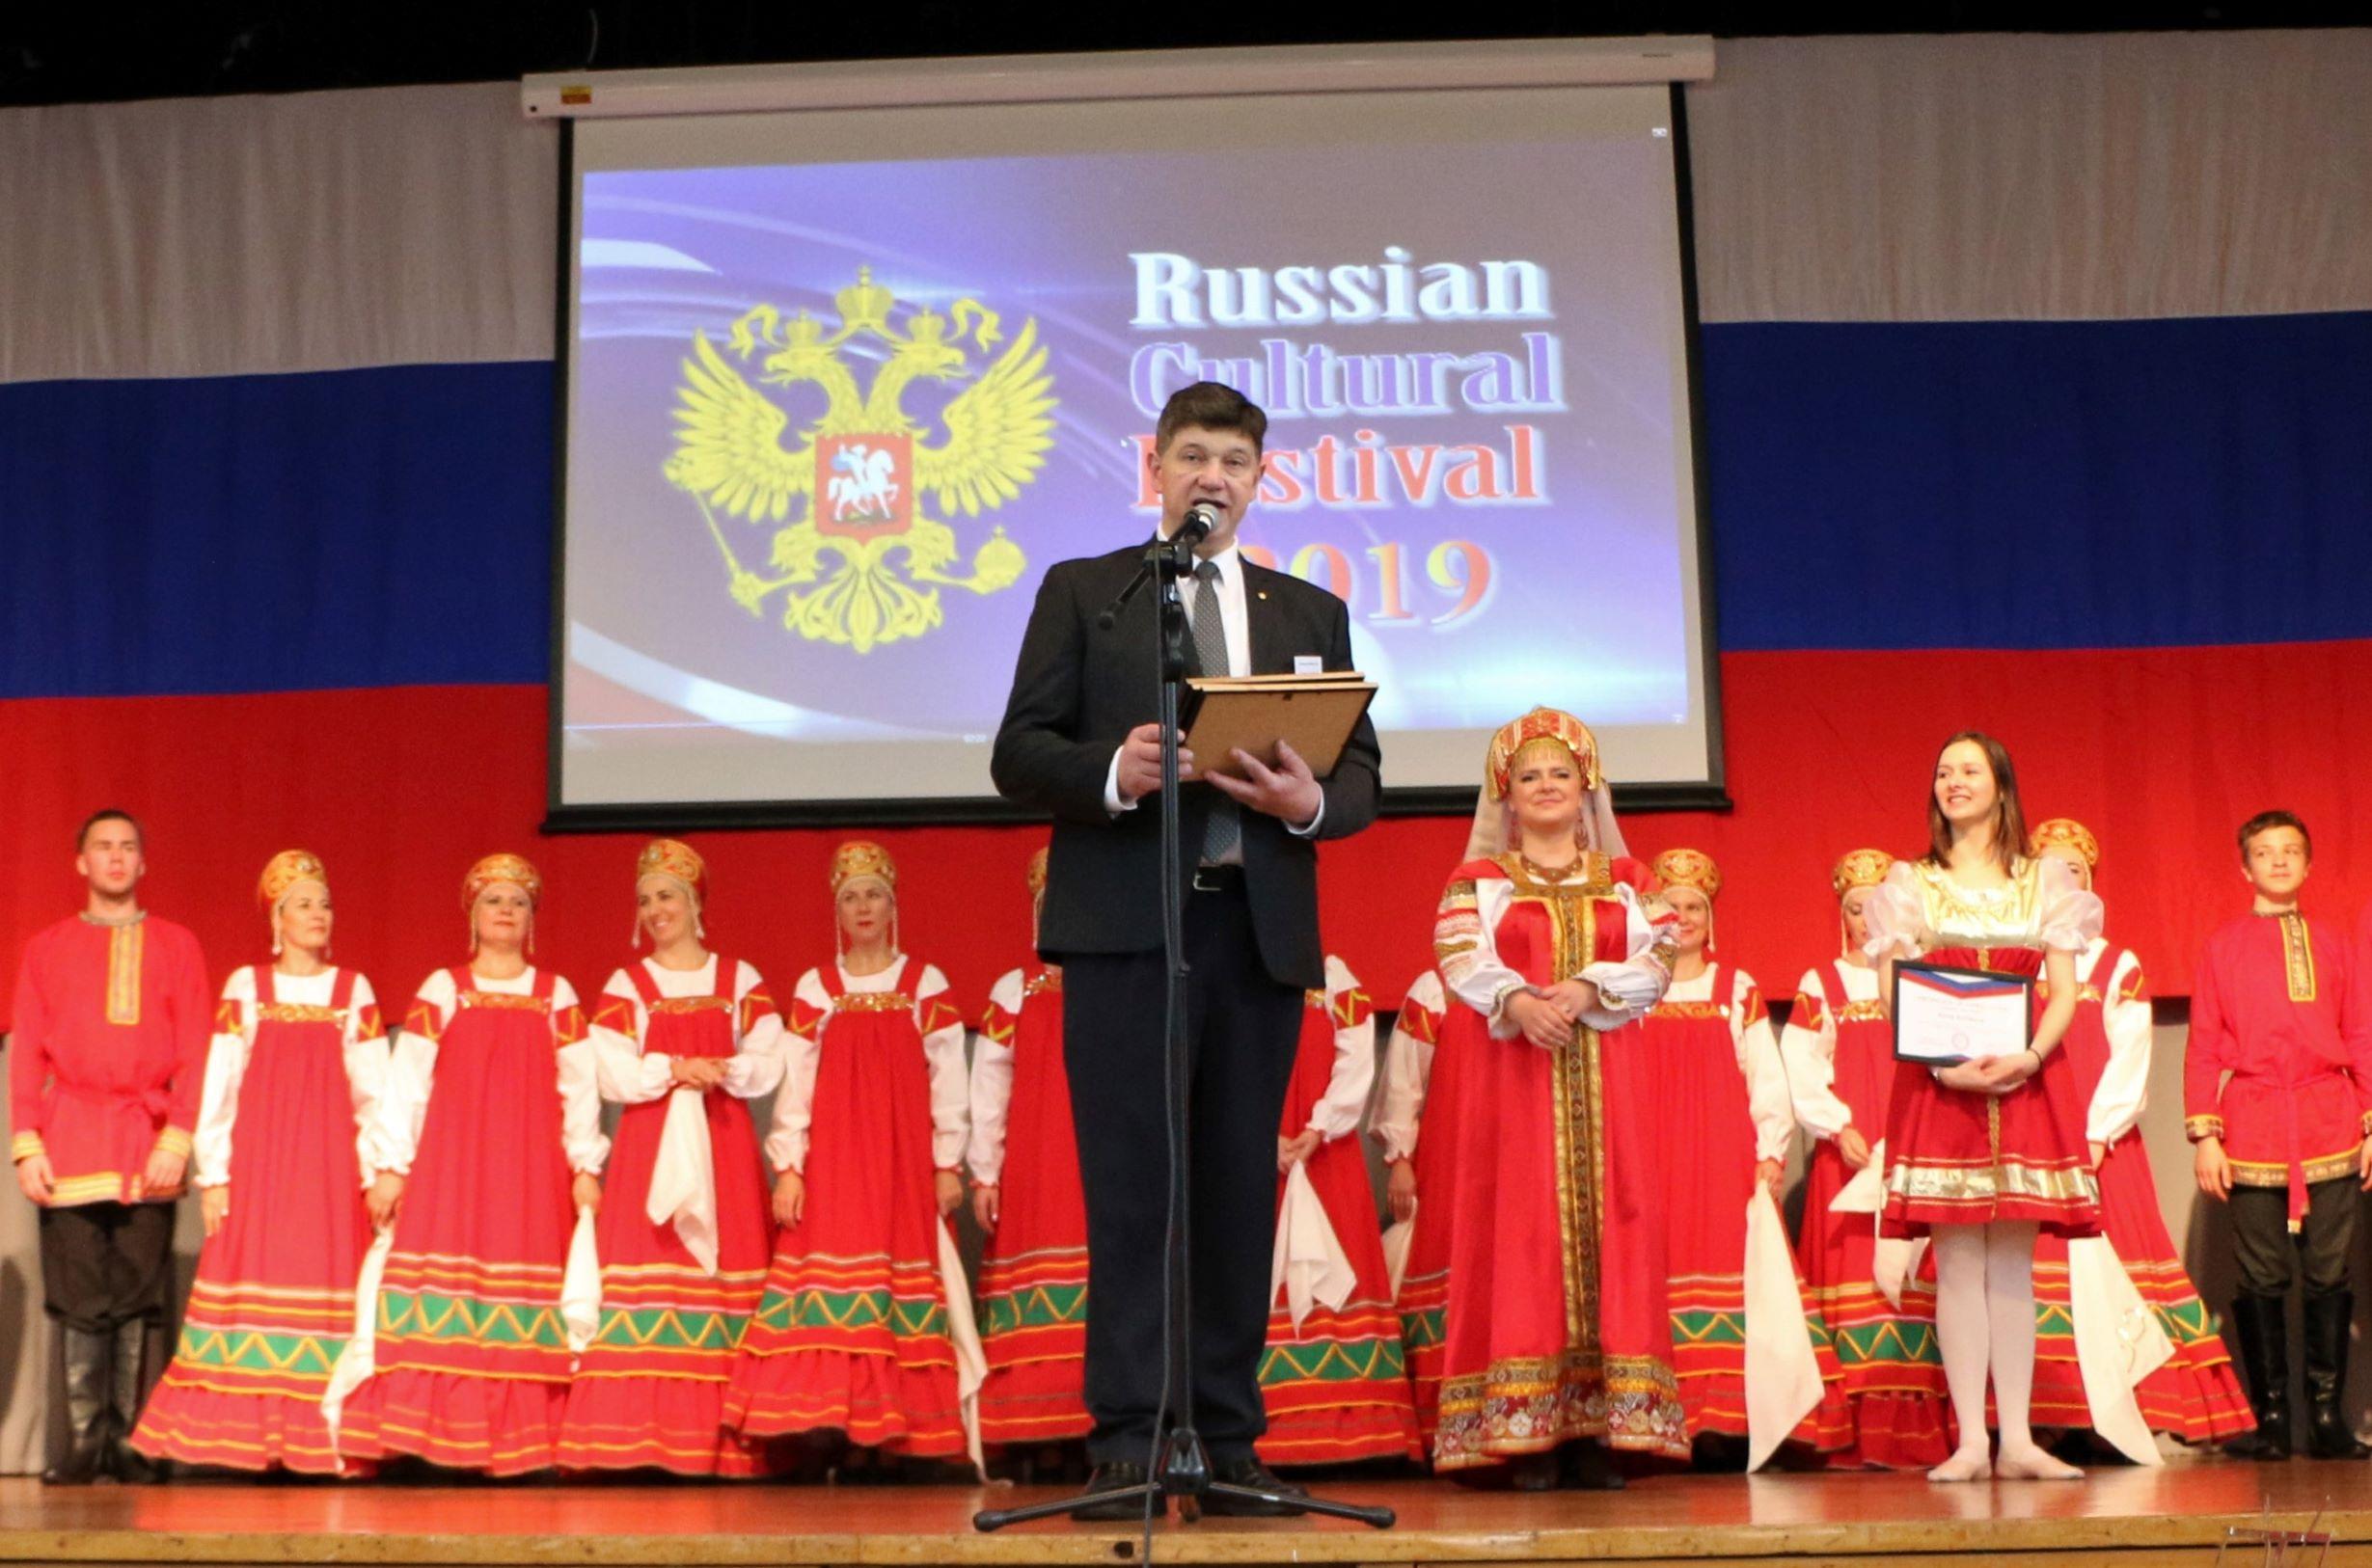 Юбилейный XV Фестиваль Русской Культуры в Веллингтоне.